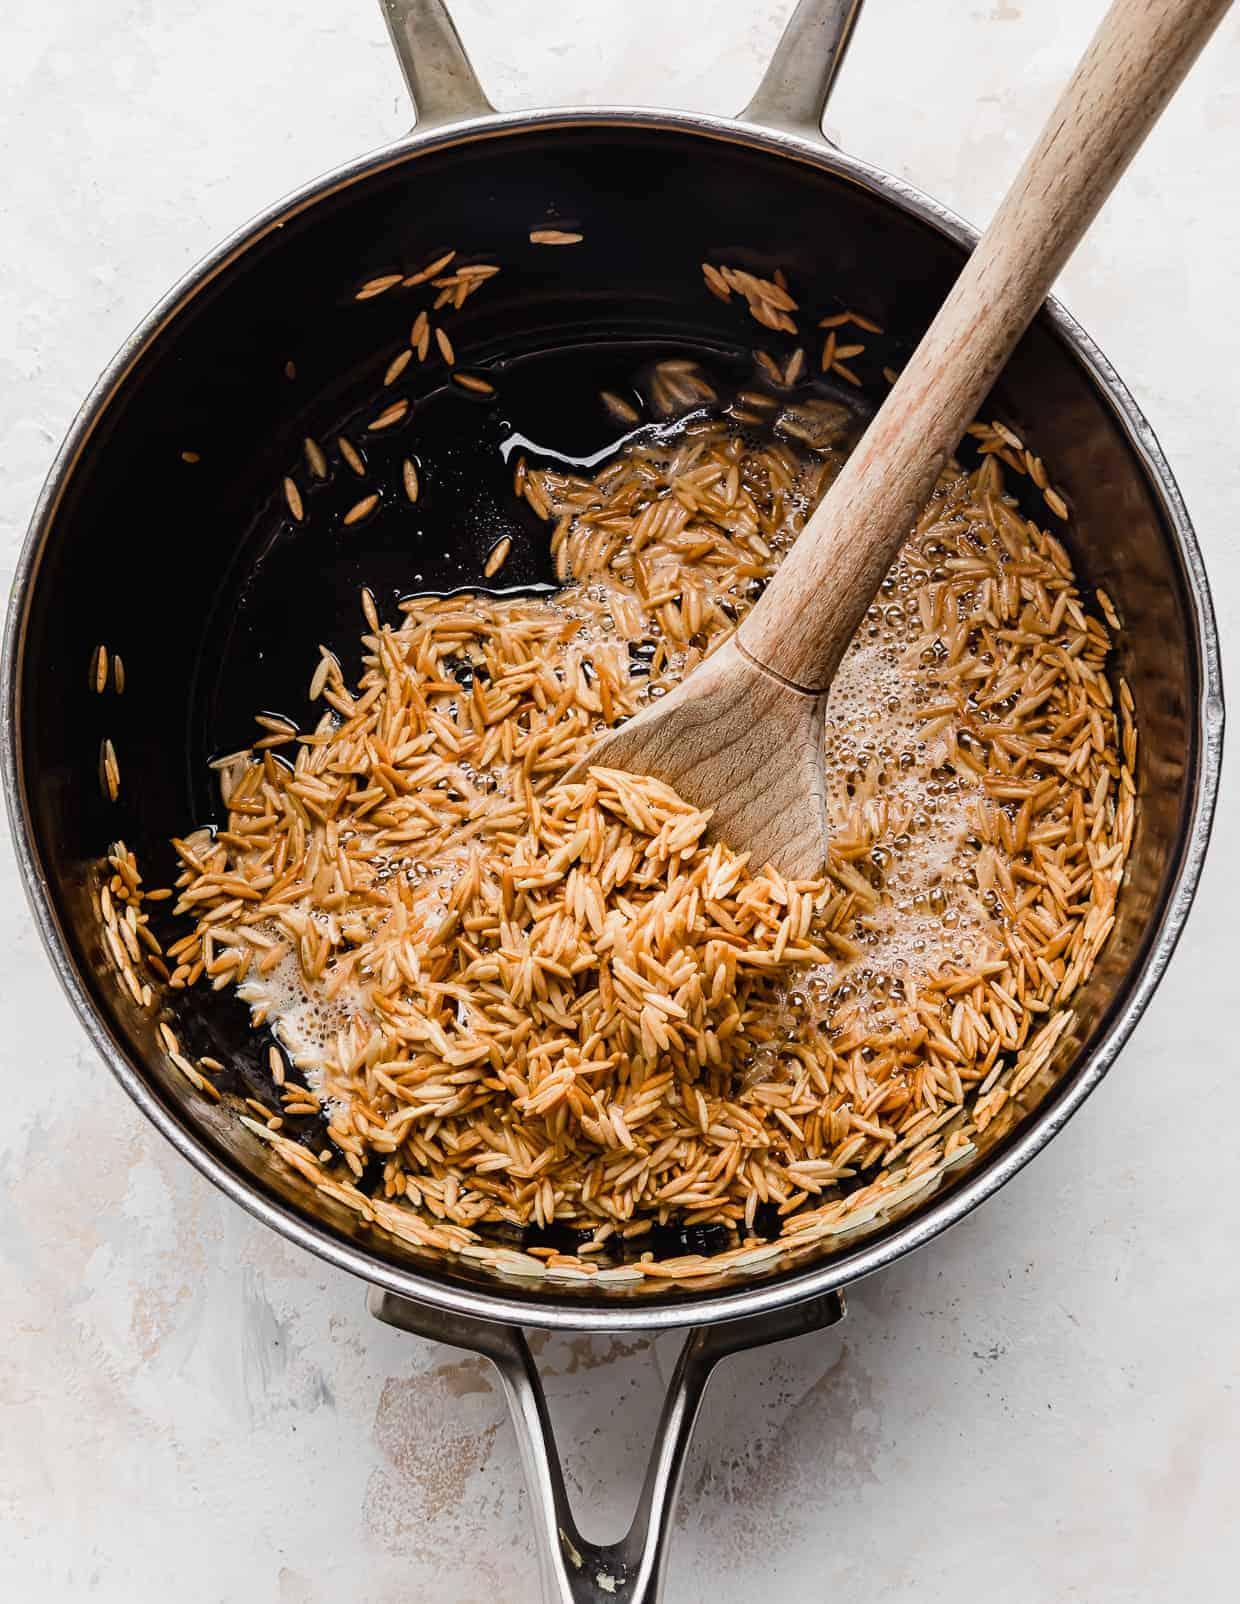 Golden brown orzo rice in a saucepan.